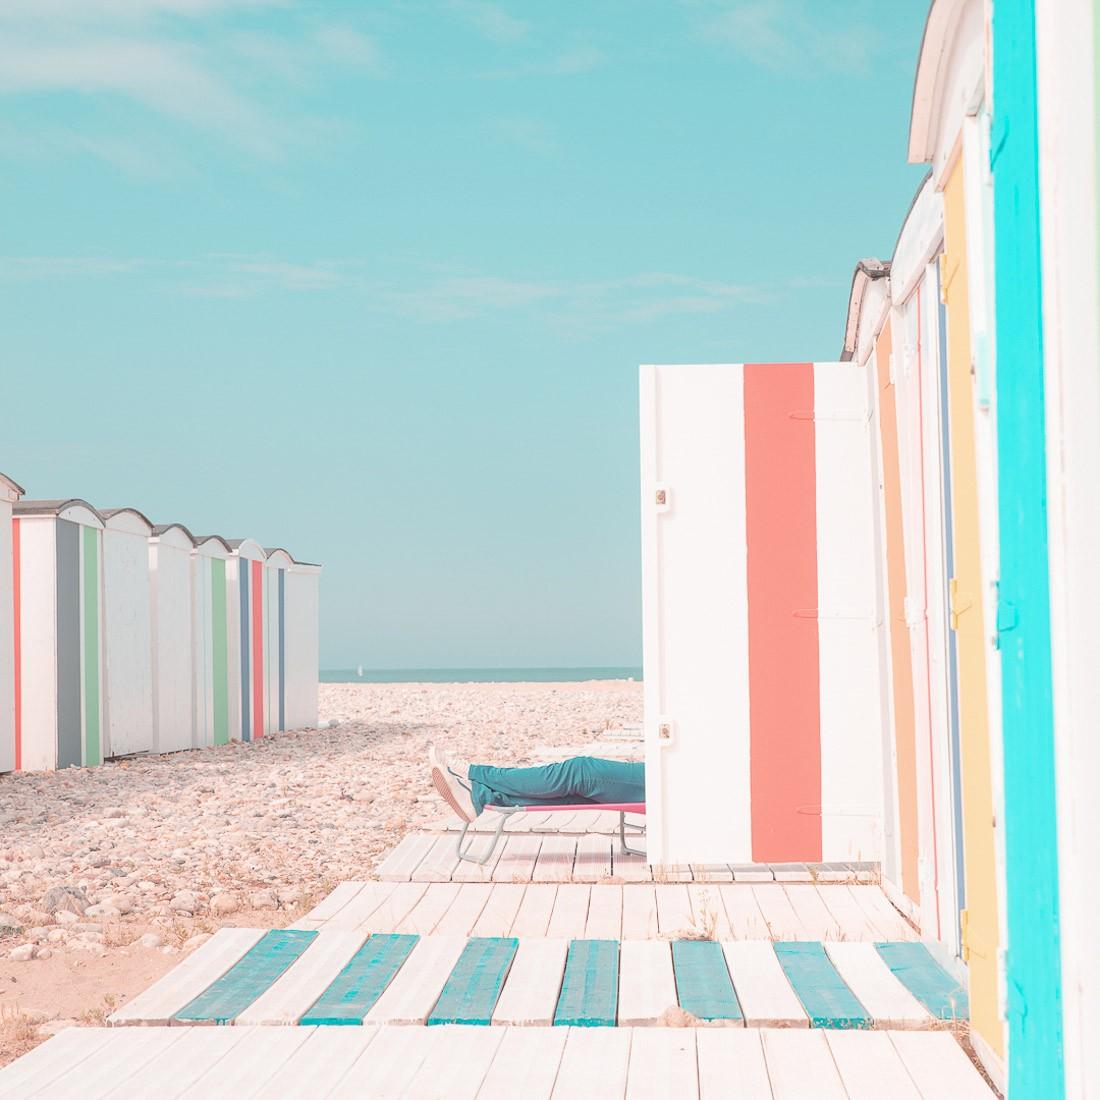 Финалист в категории «Уличная фотография», 2020. На пляже Гавра. Автор Франц Зюссбауэр